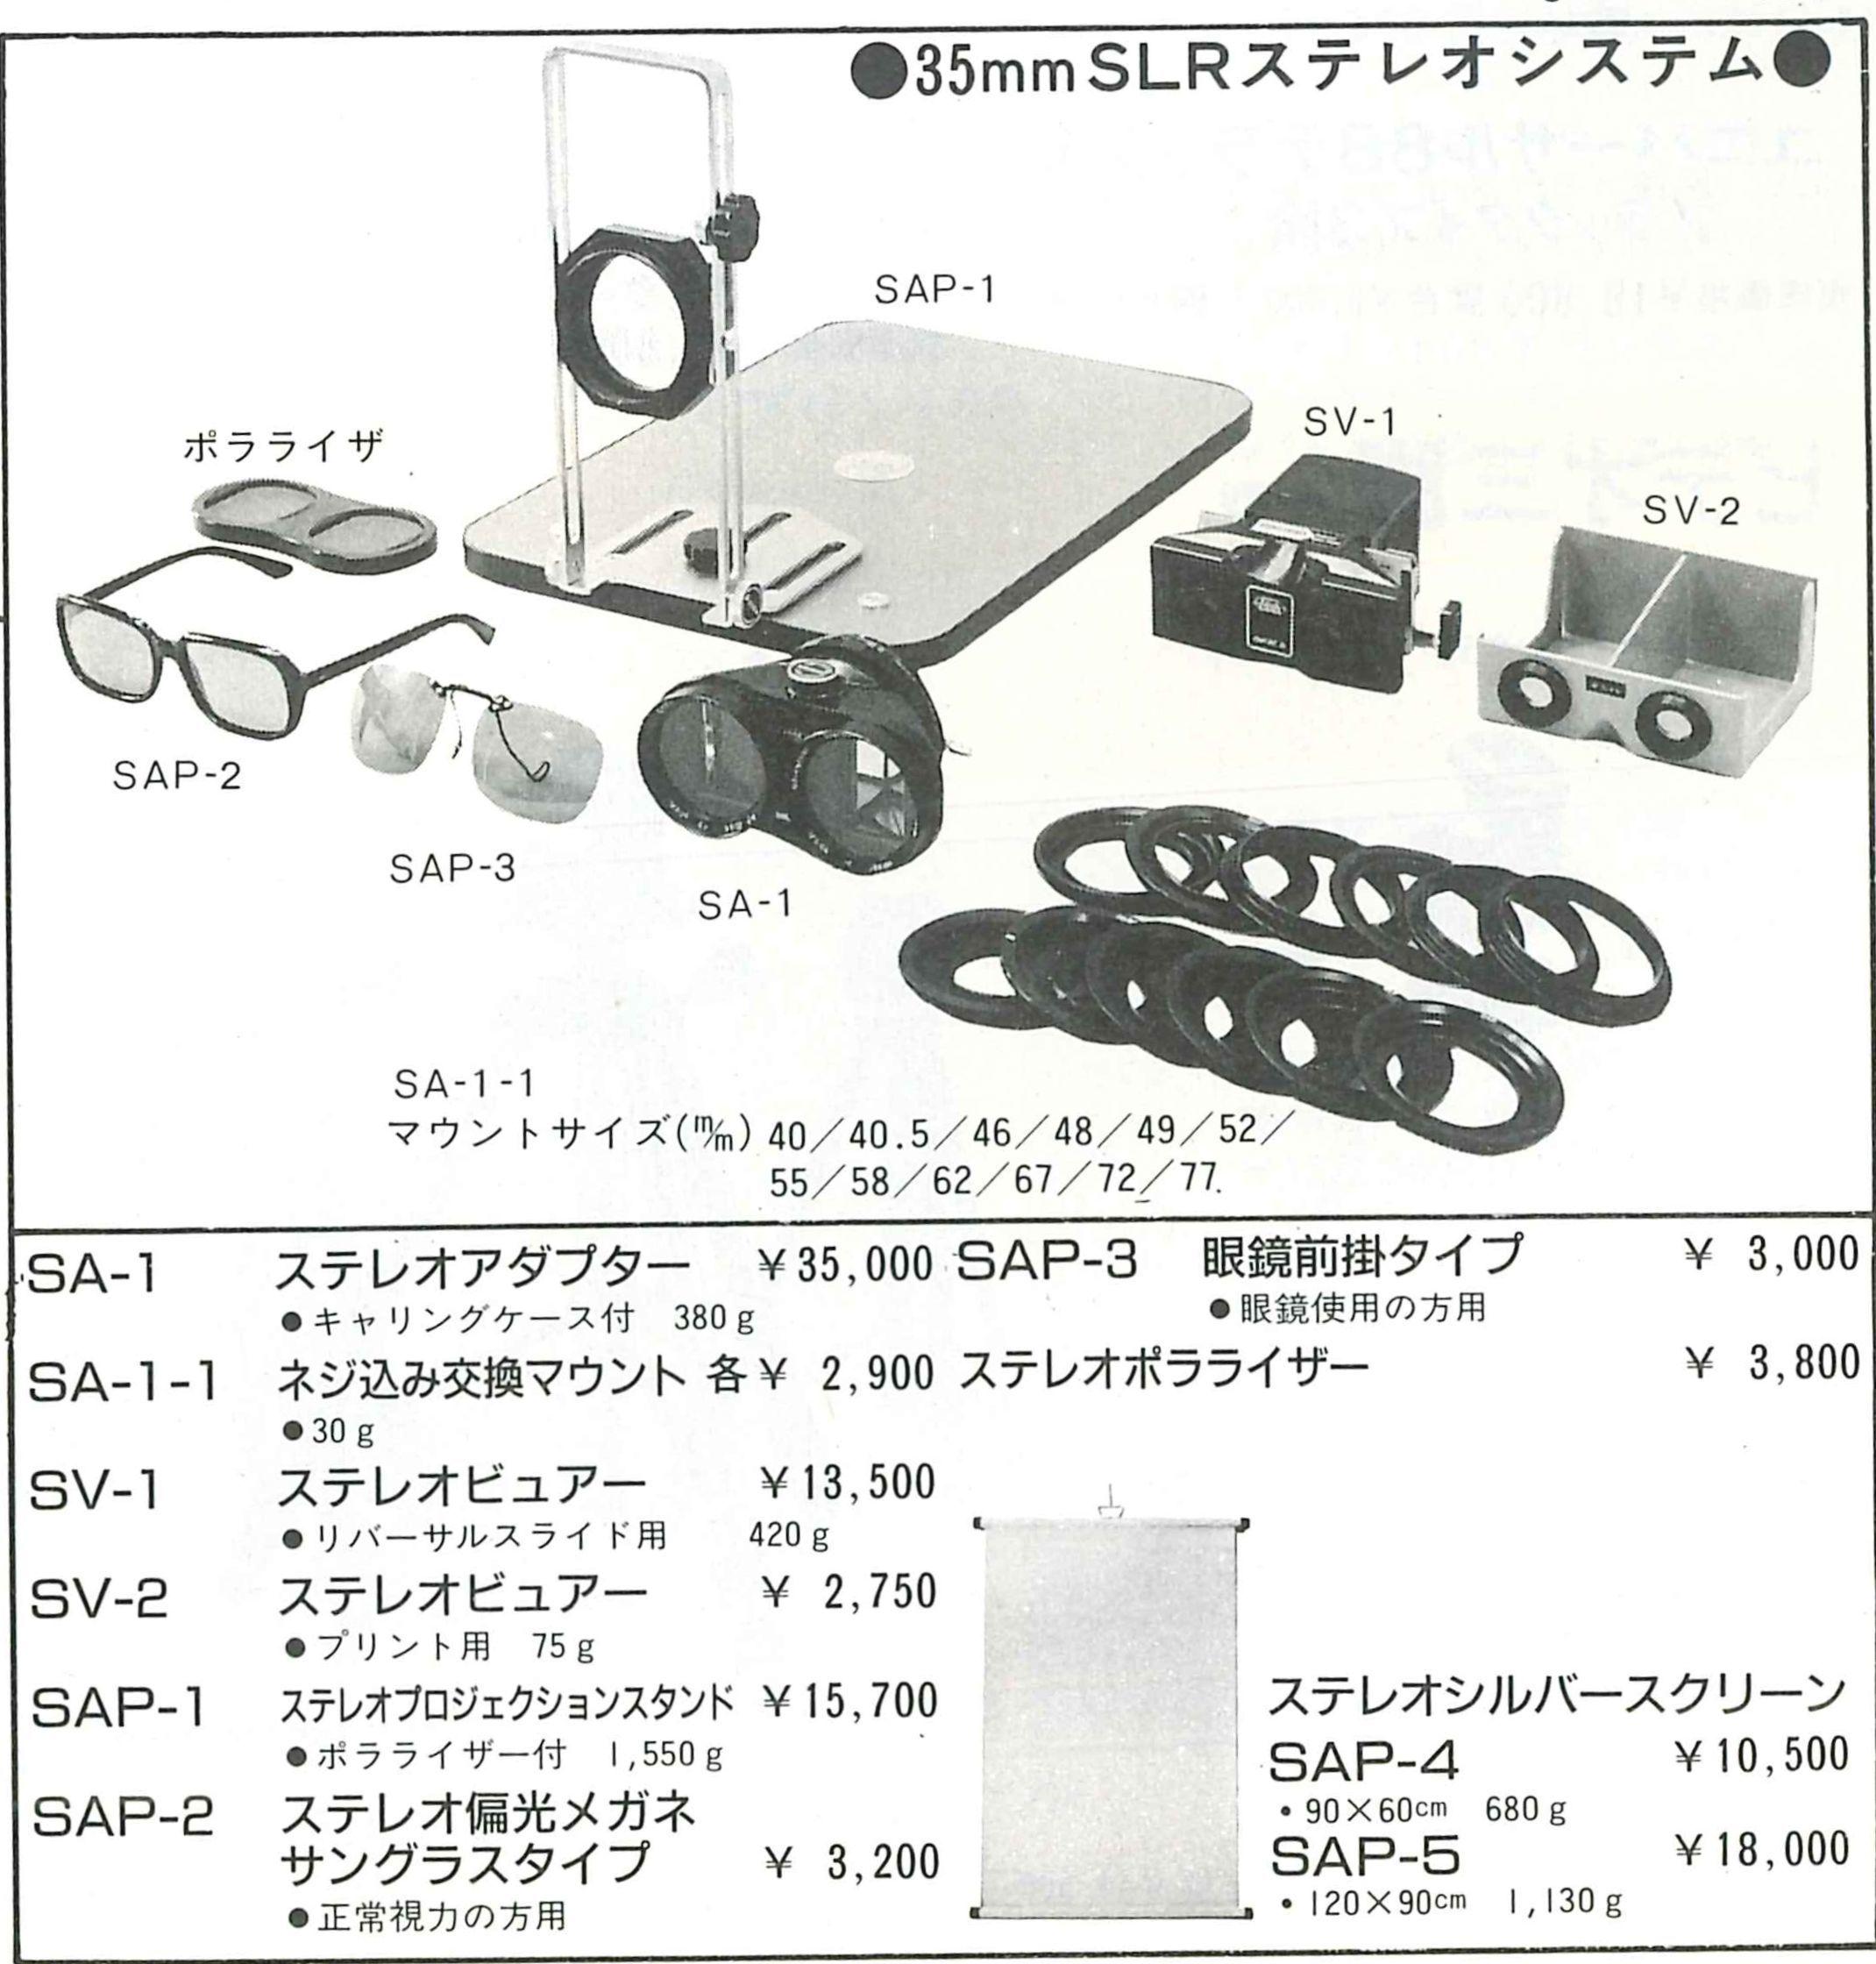 第11回 好きやねん大阪カメラ倶楽部 例会報告_d0138130_08410951.jpg